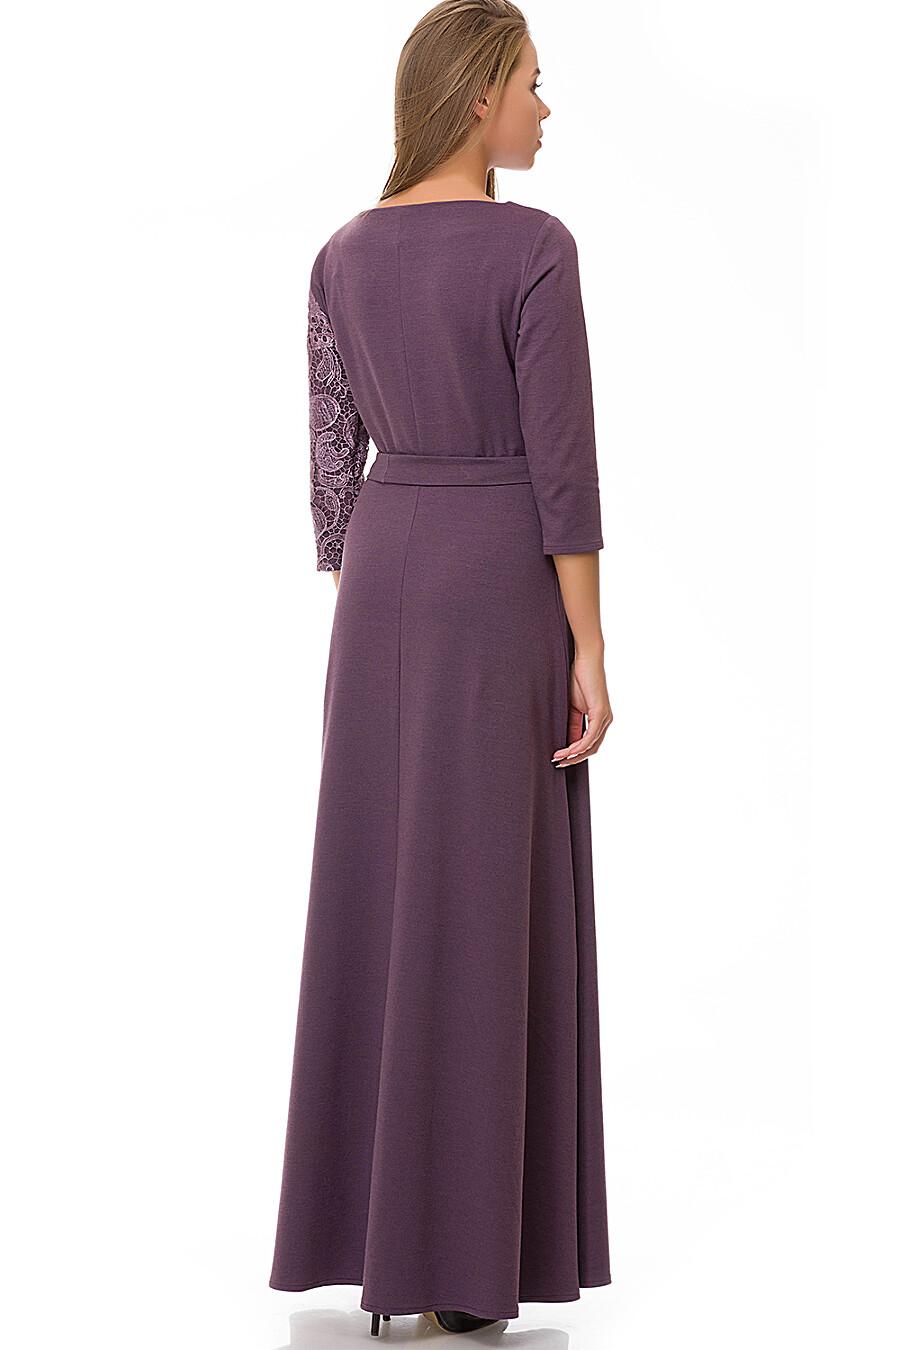 Платье #72424